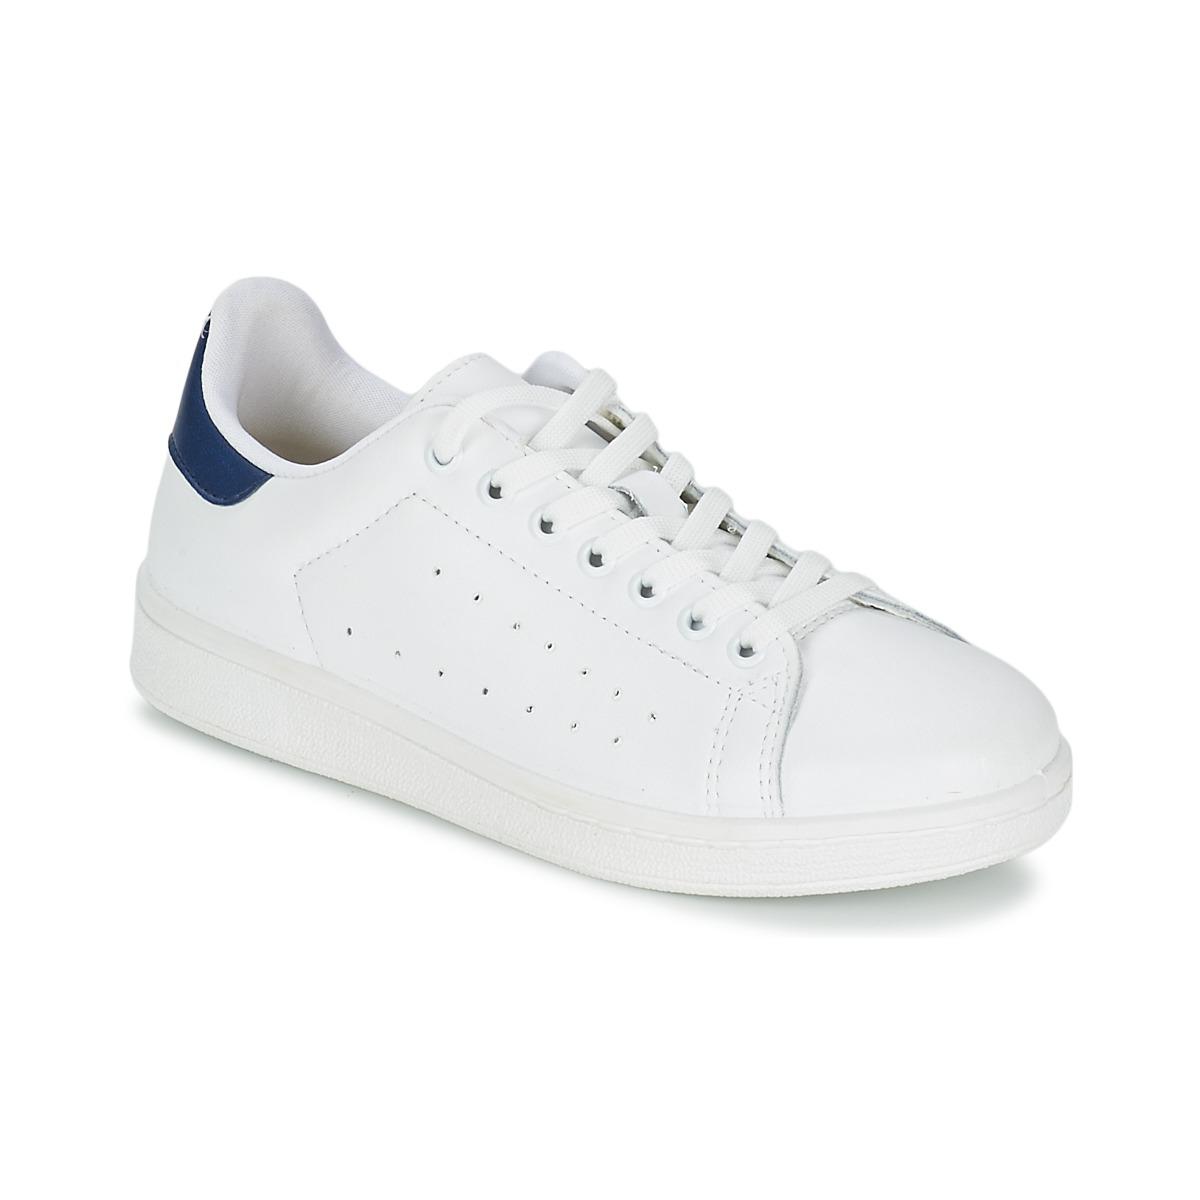 Yurban SATURNA Weiss / Marine - Kostenloser Versand bei Spartoode ! - Schuhe Sneaker Low Herren 51,99 €